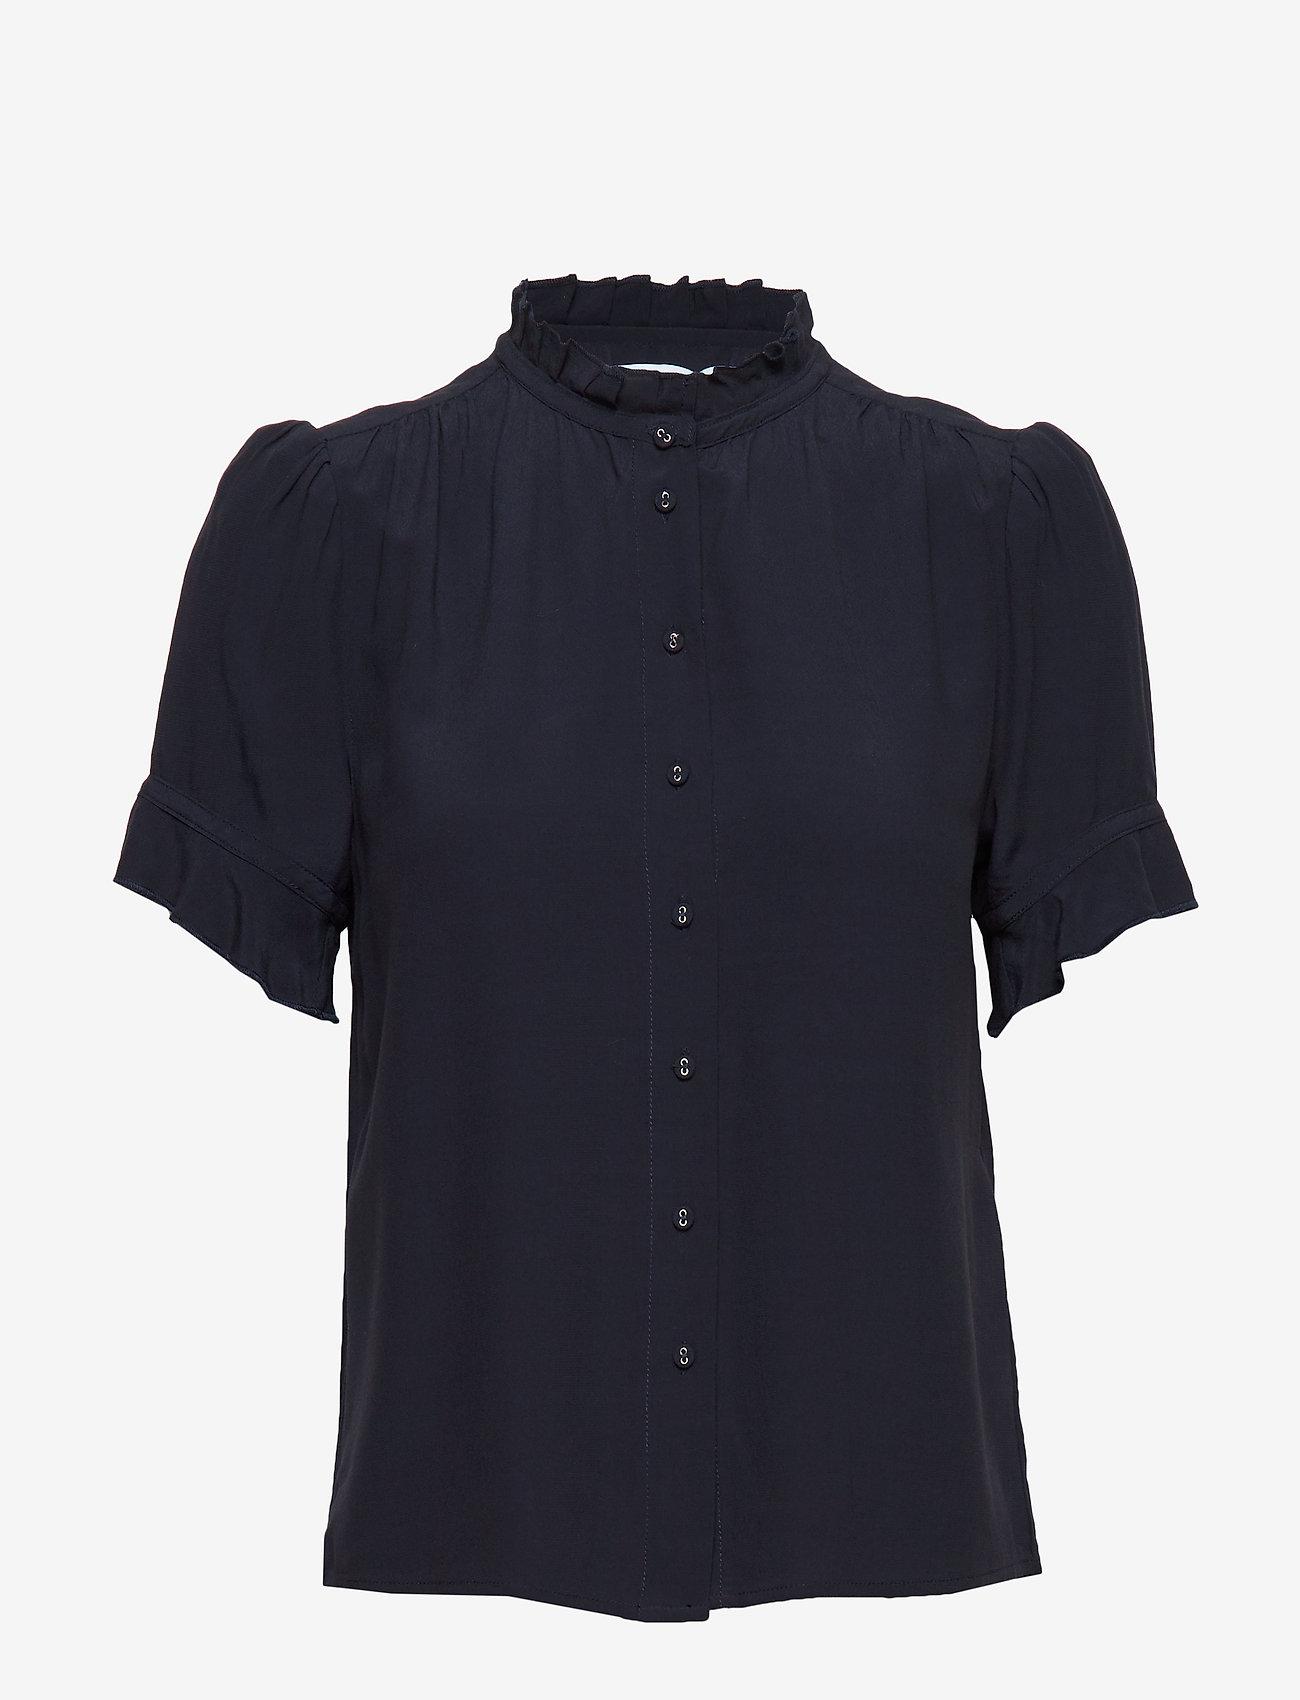 Samsøe Samsøe - Rosella shirt 10864 - kortärmade blusar - night sky - 0